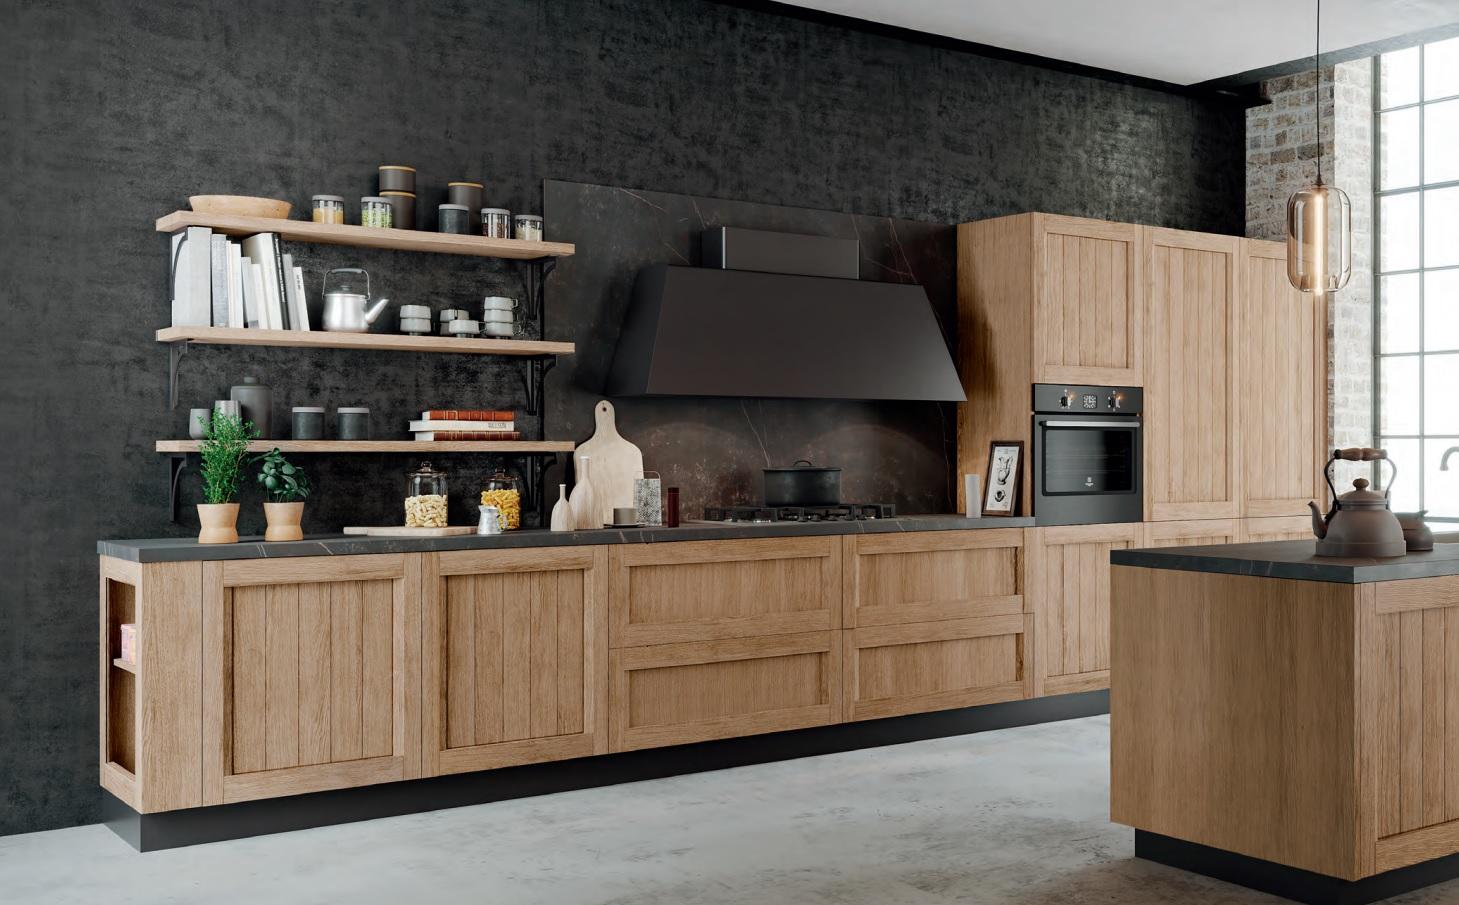 Cucina anta telaio brandy home design arredamenti for Arredamenti romanoni srl pavia